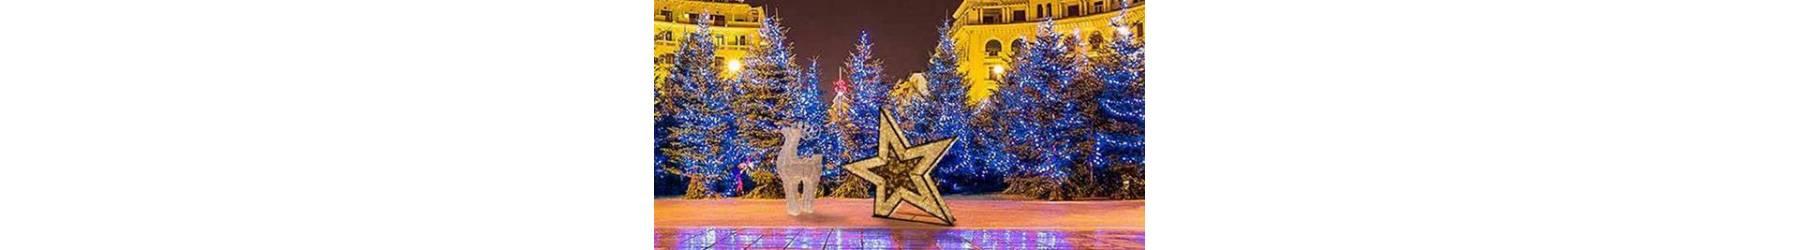 Φωτιζόμενα Χριστουγεννιάτικα στοιχέια για διακόσμηση σε όλα τα μεγέθη